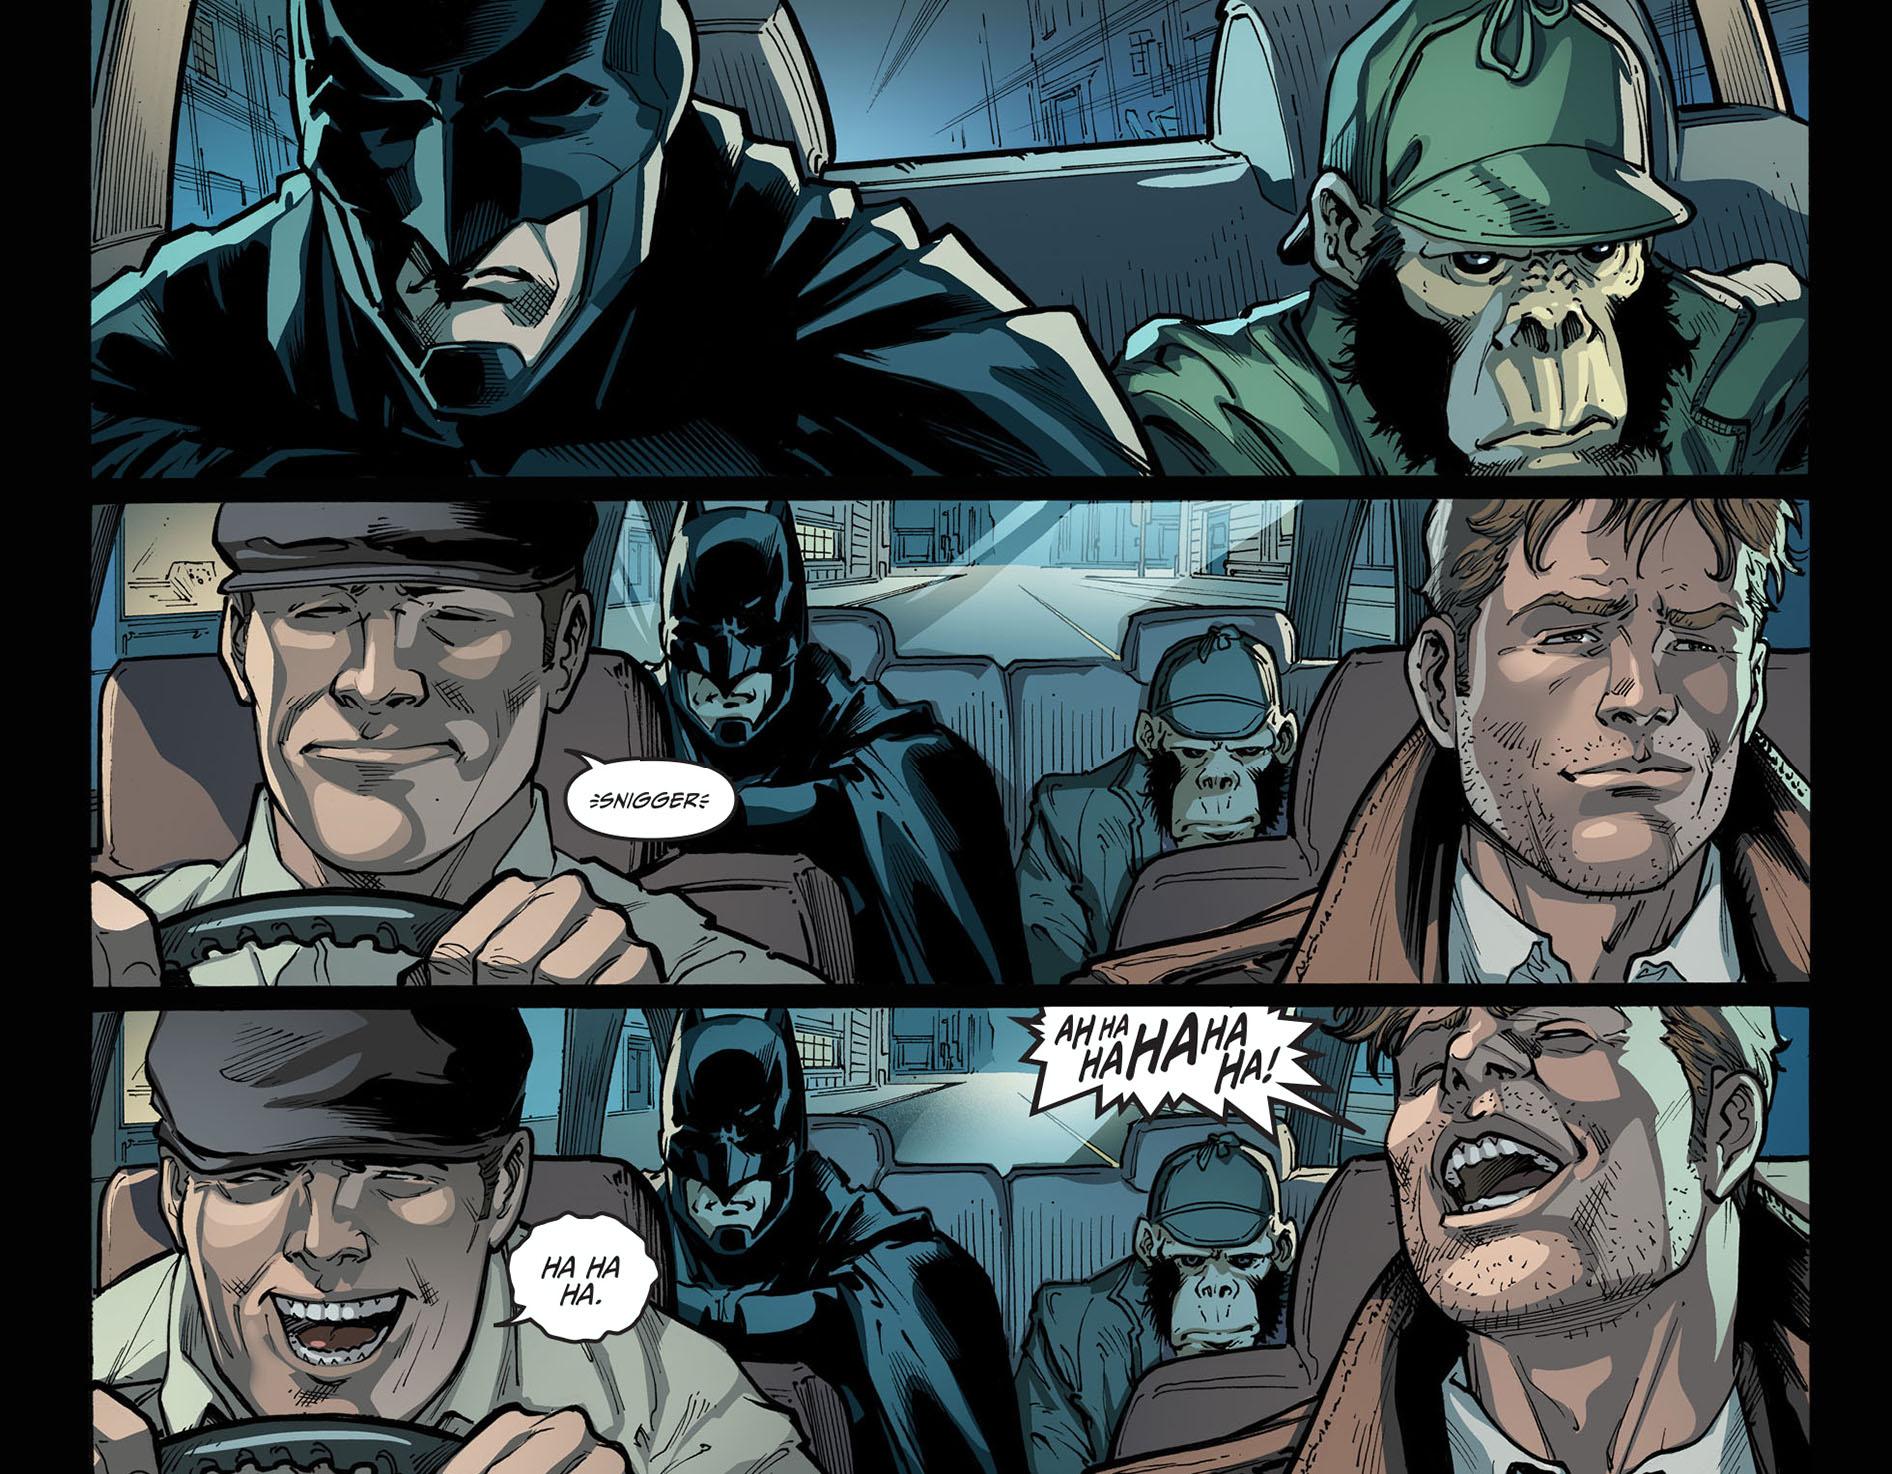 constantine jokes about batman 2